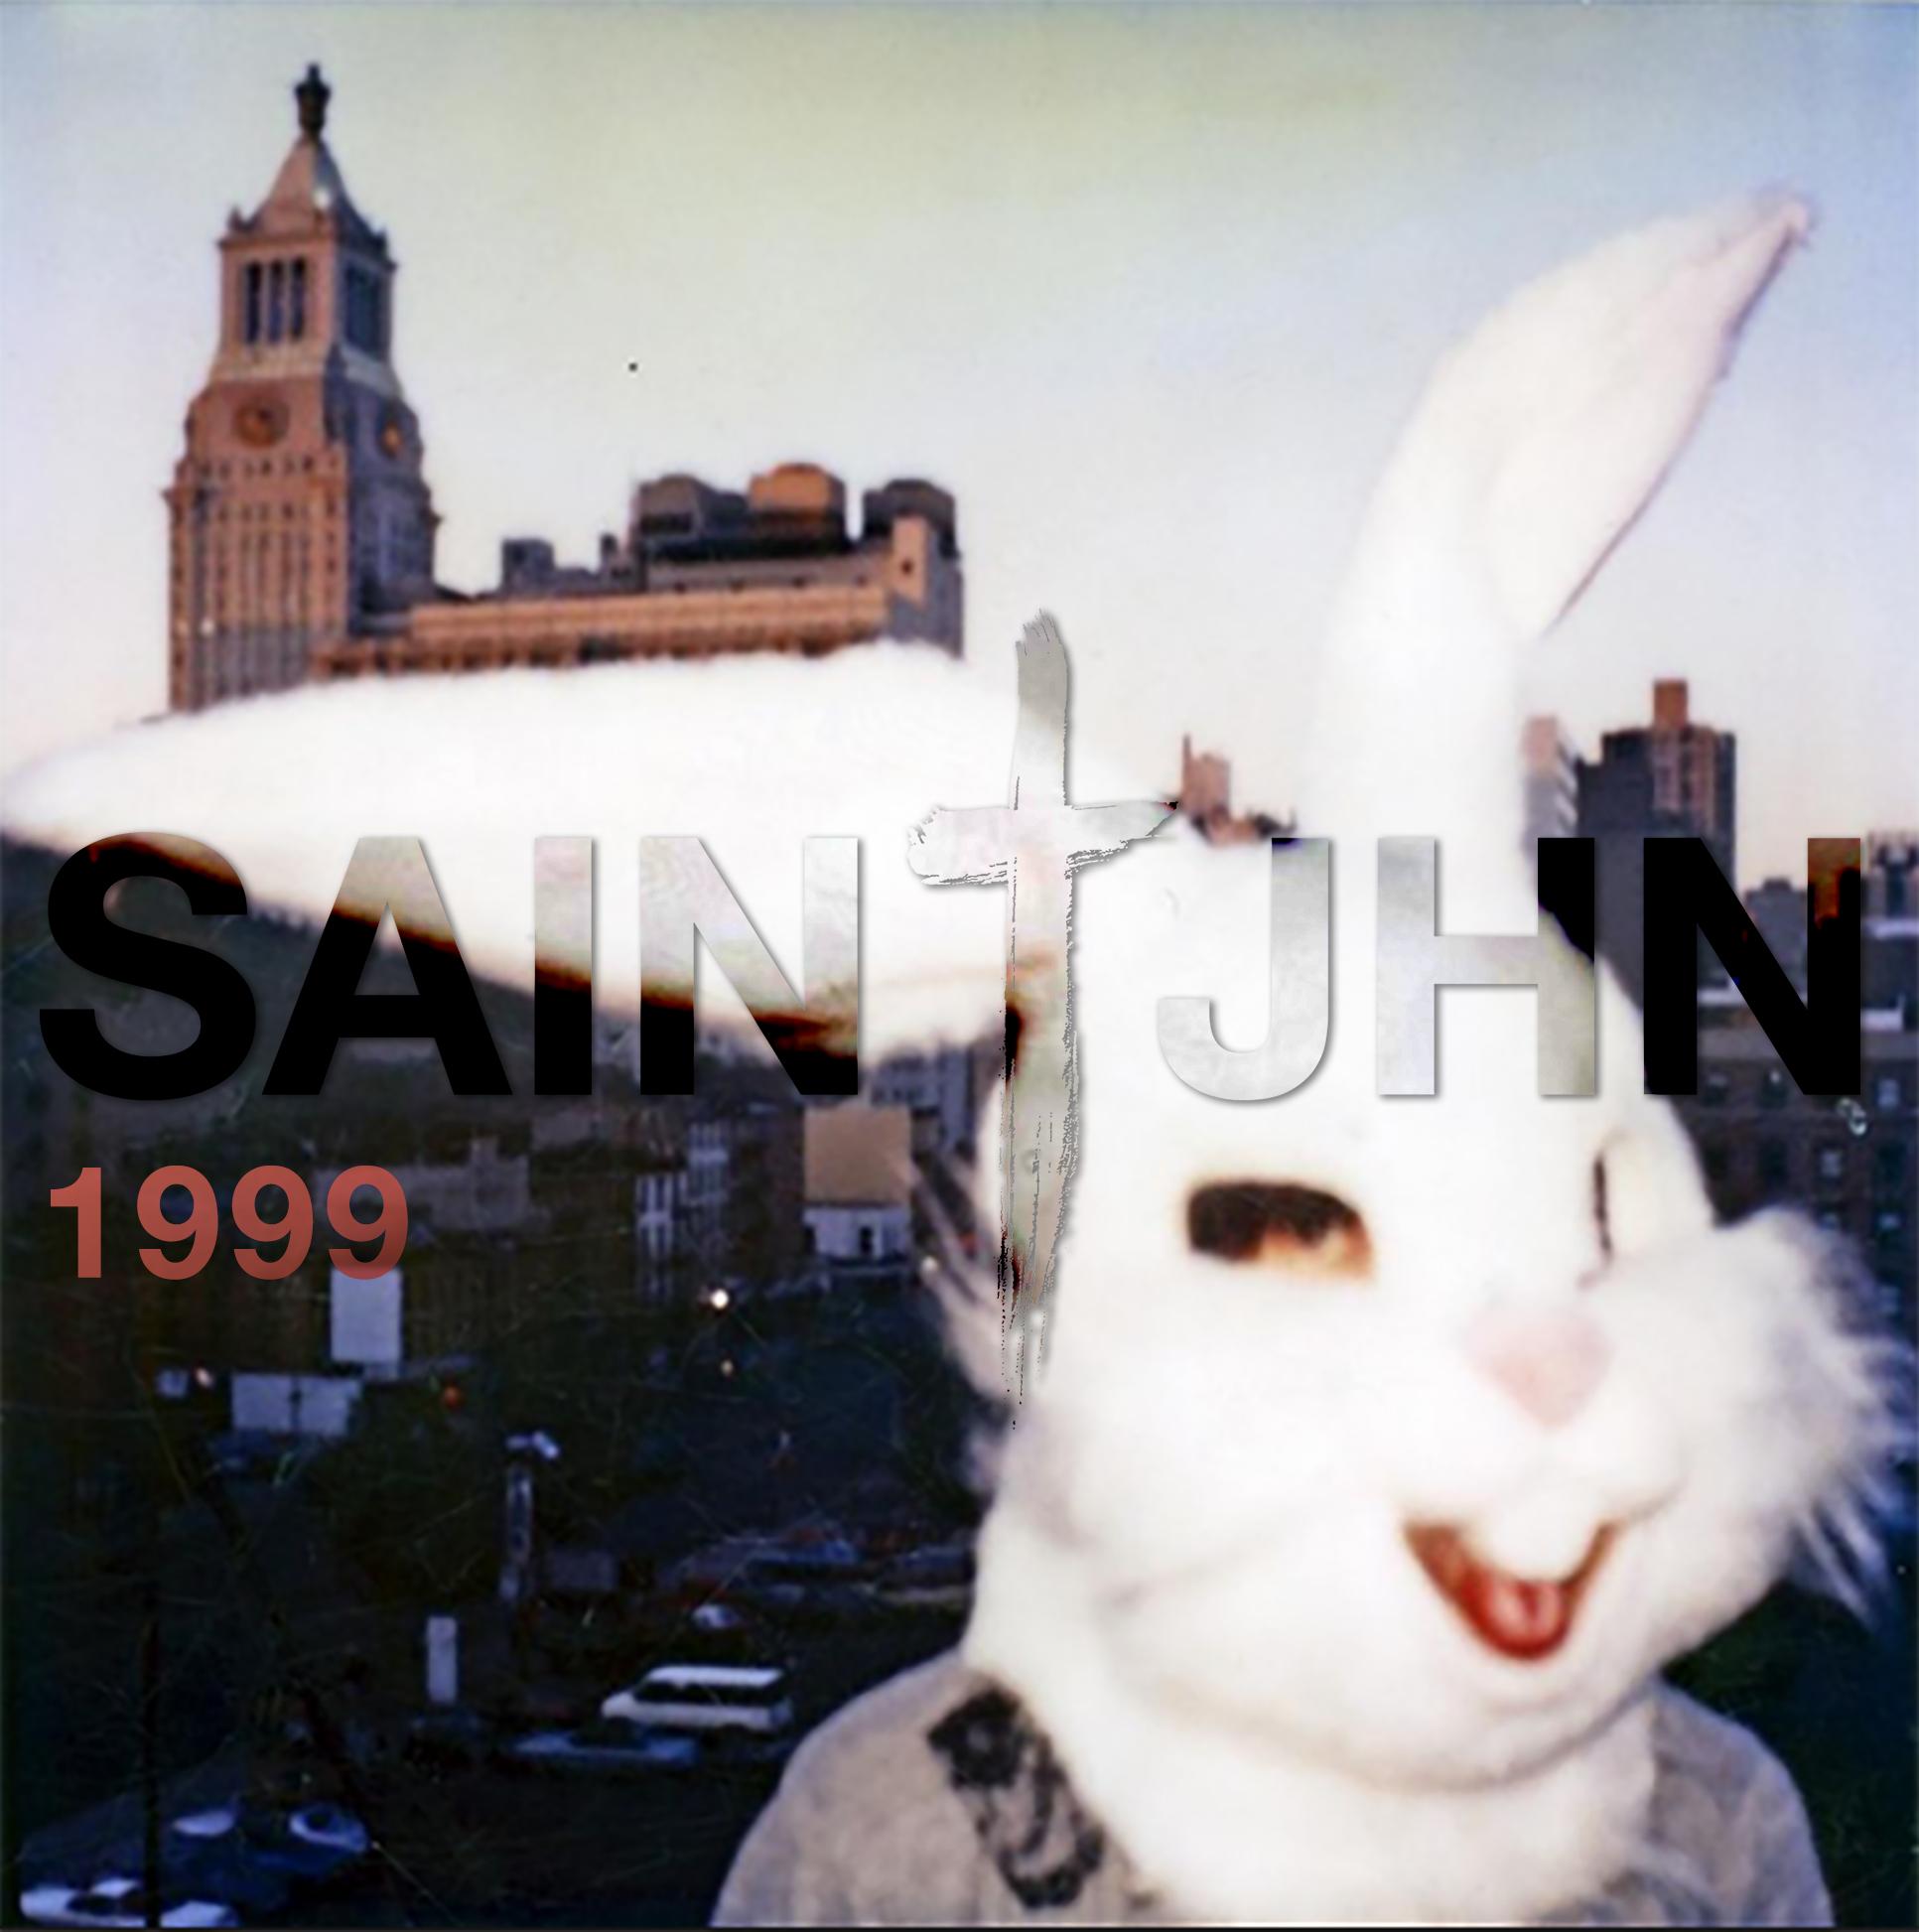 0.90_1999_ALBUM COVER_SKETCH_V06.jpg